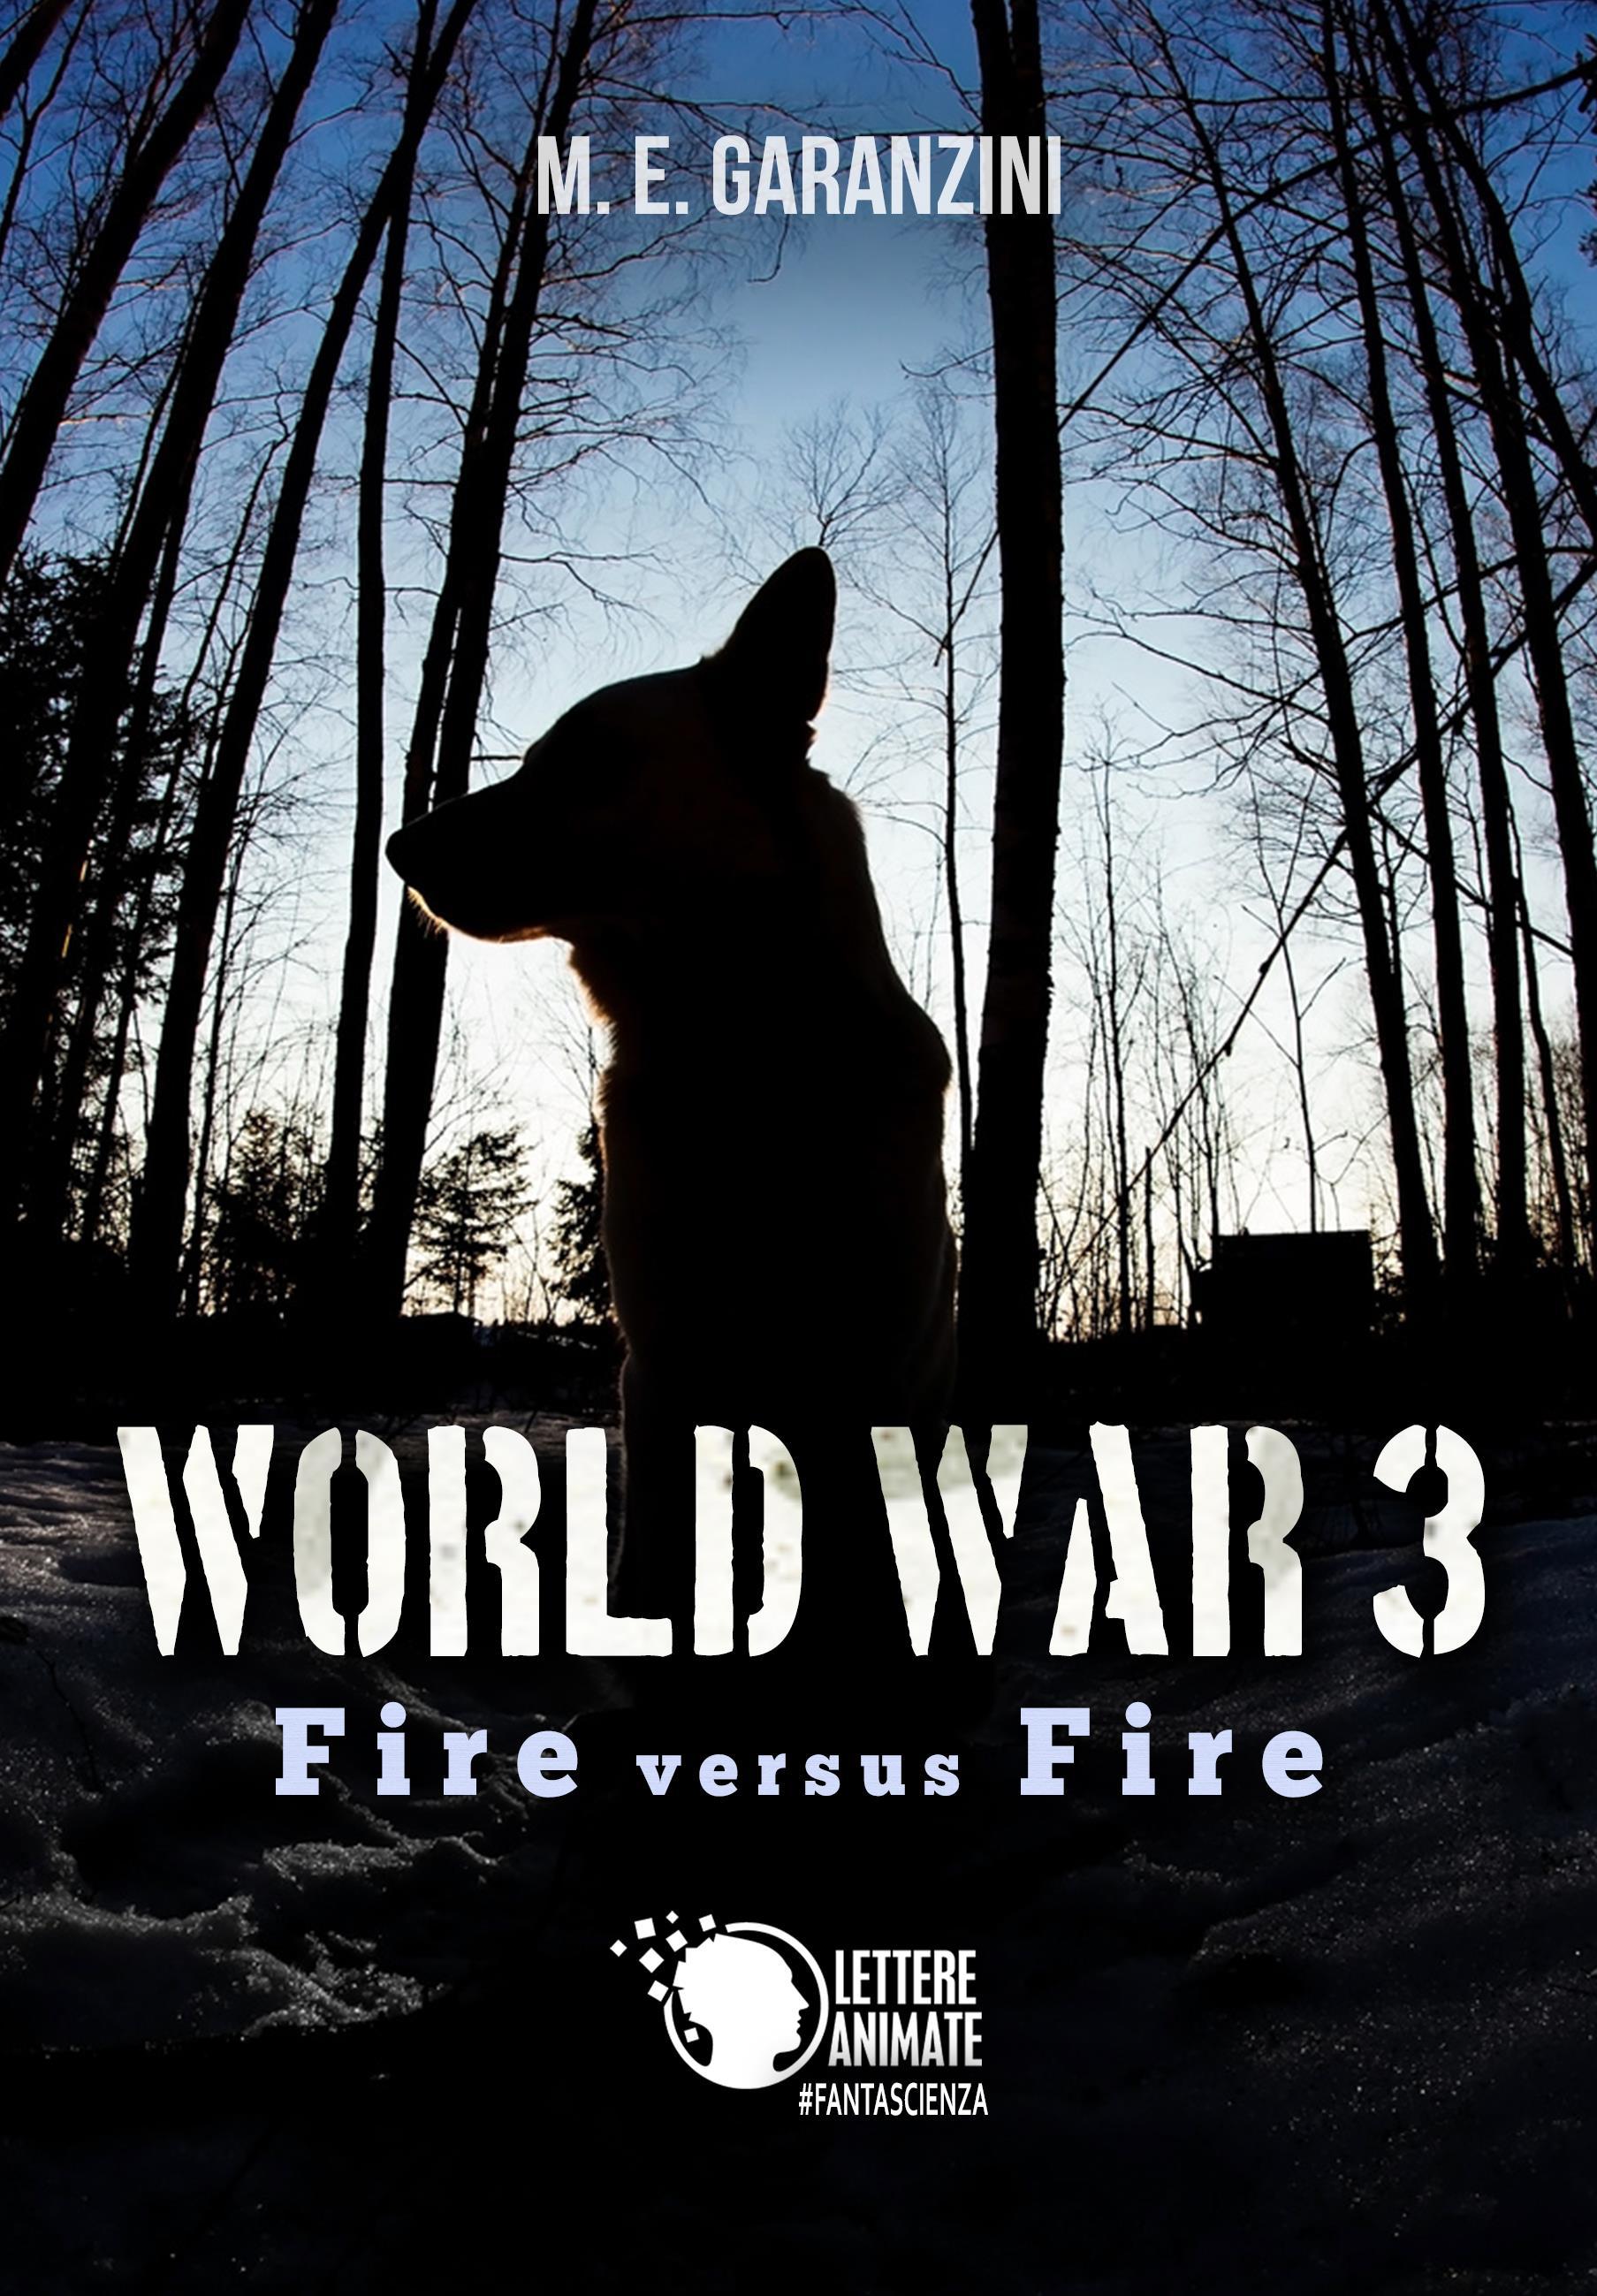 World War 3 - Fire versus Fire